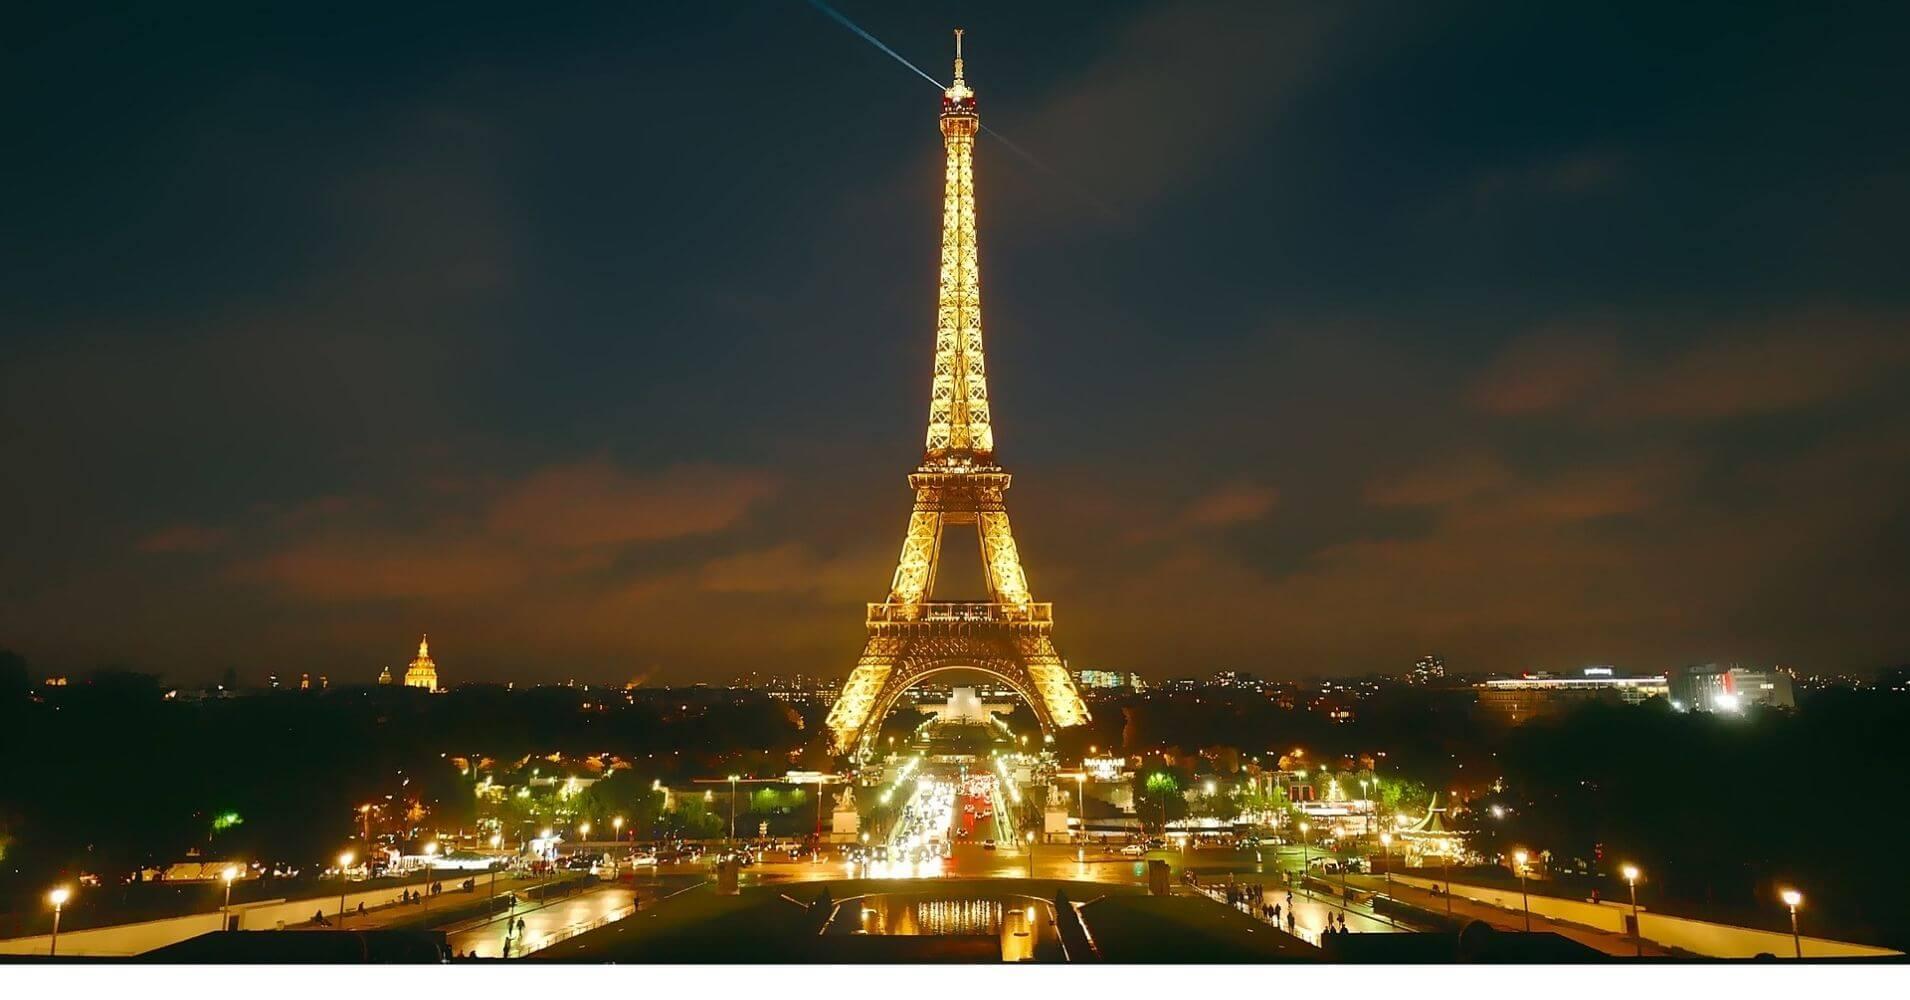 Torre Eiffel en París. Francia.